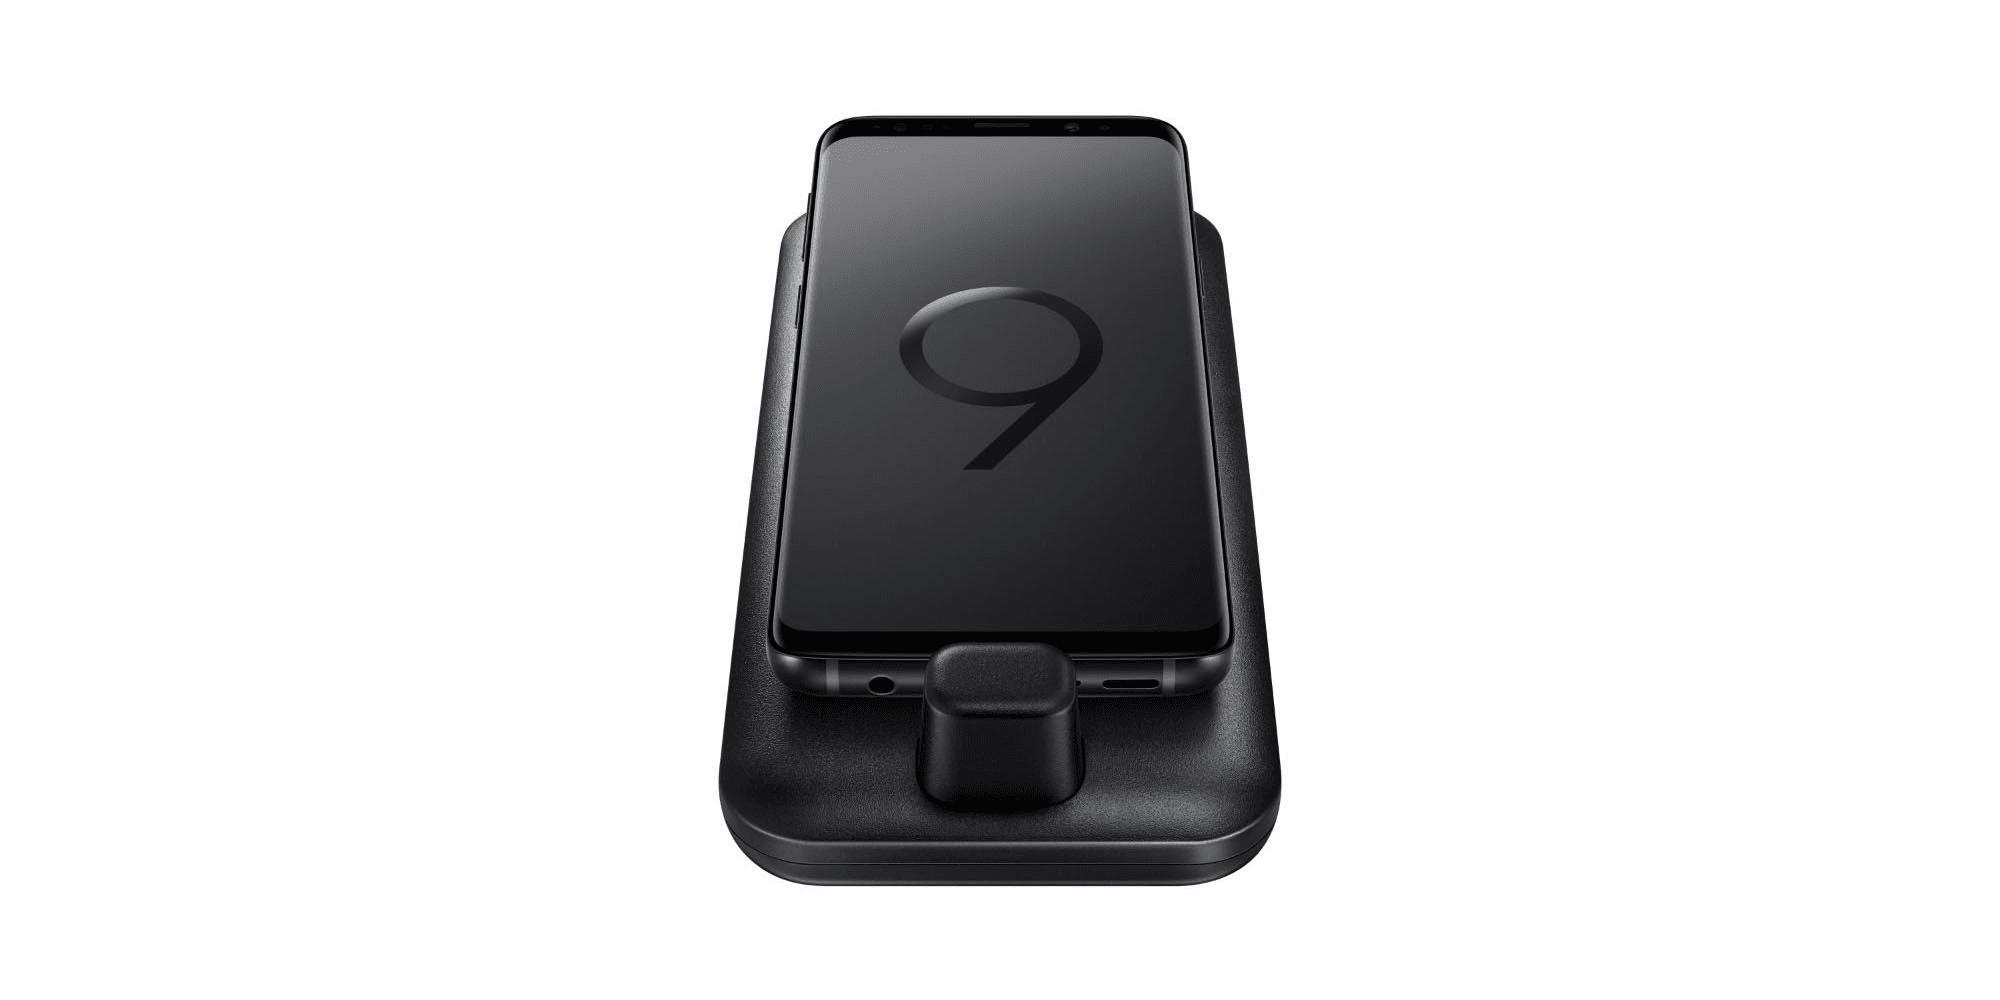 Zdjęcia stacji DeX Pad dla Galaxy S9 potwierdzają ważną rzecz: Samsung lubi port słuchawkowy w smartfonach 25